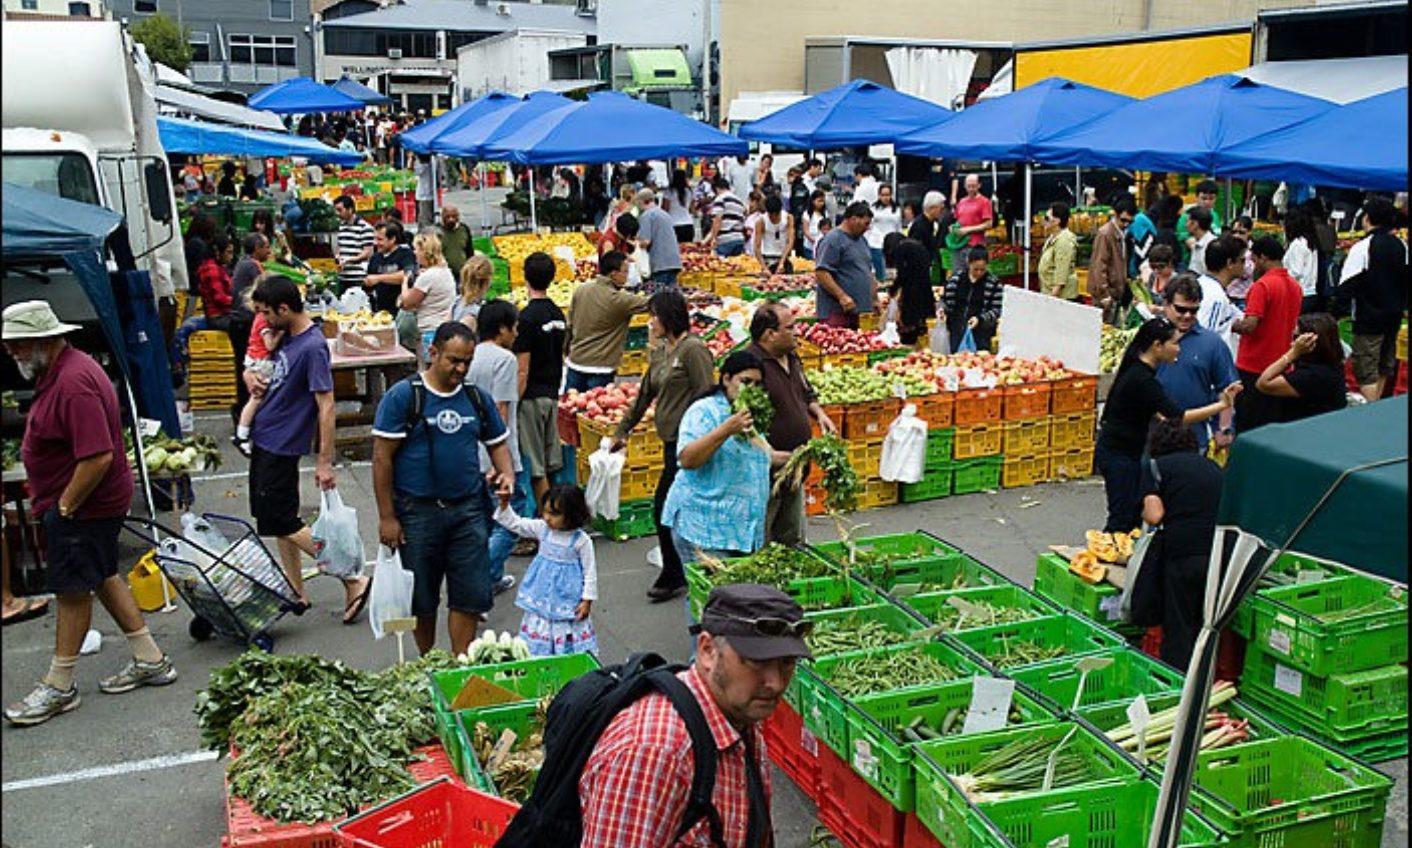 Victoria Street Farmers Market